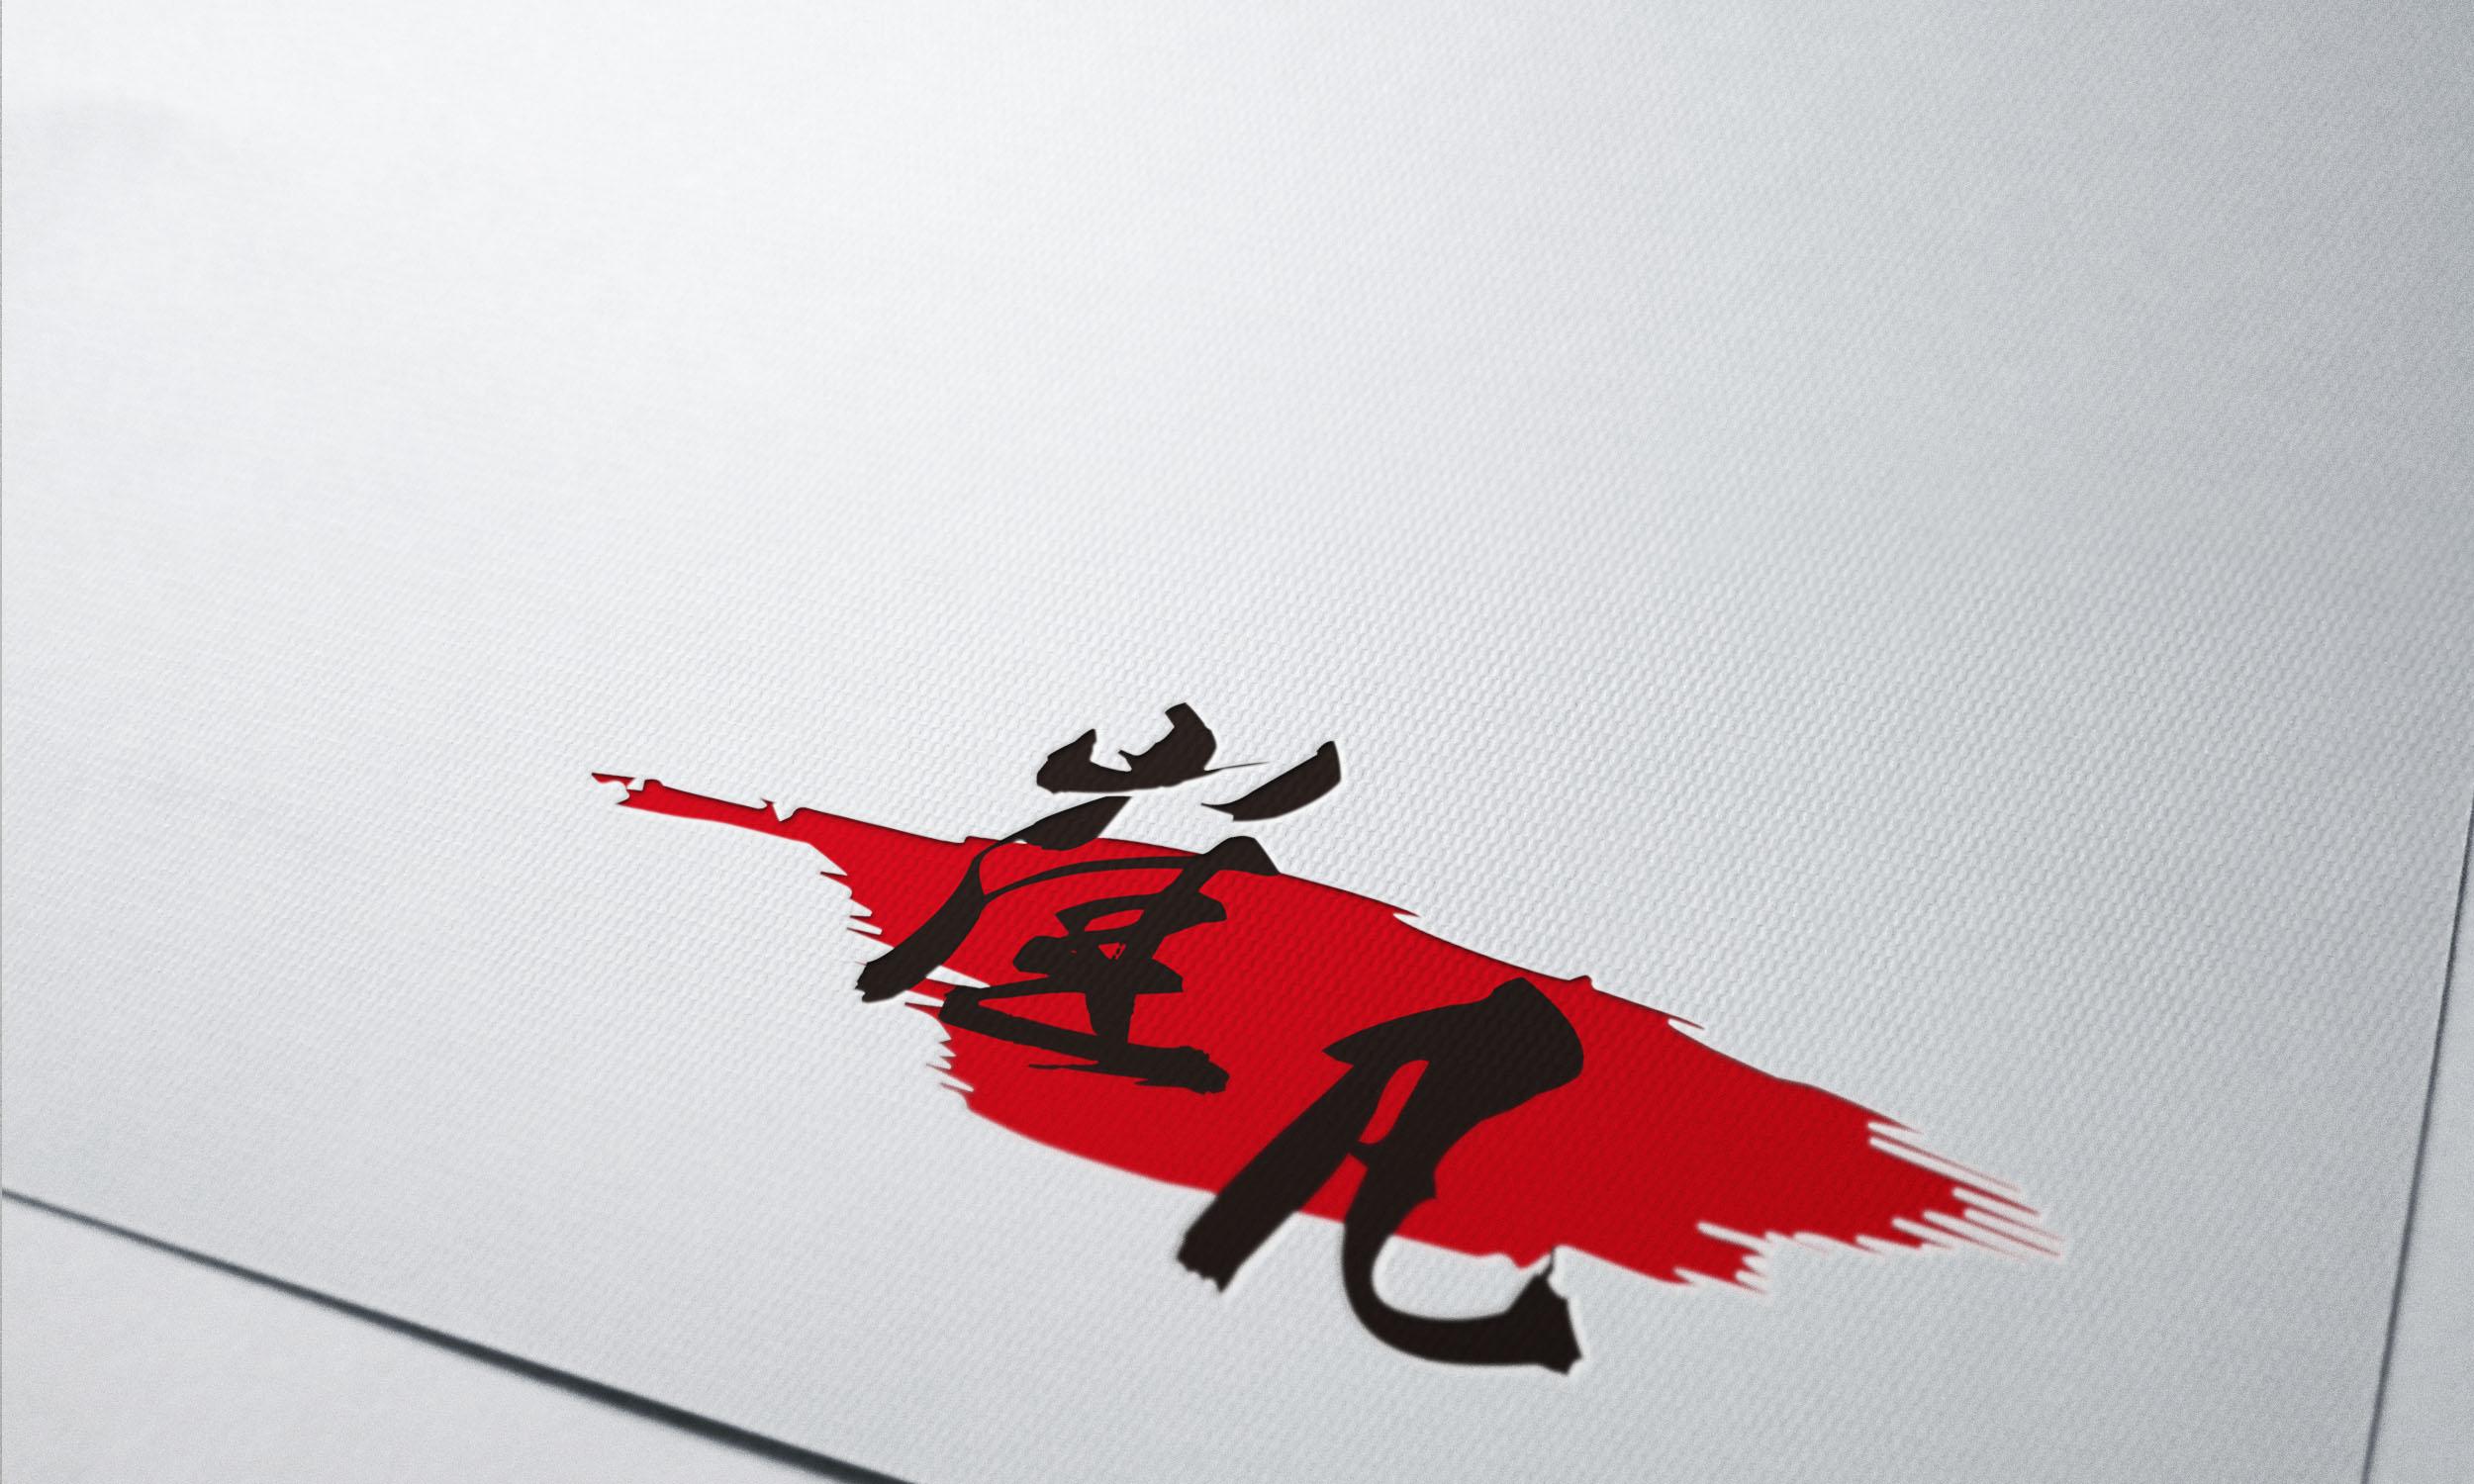 两个字的图案logo_3027094_k68威客网